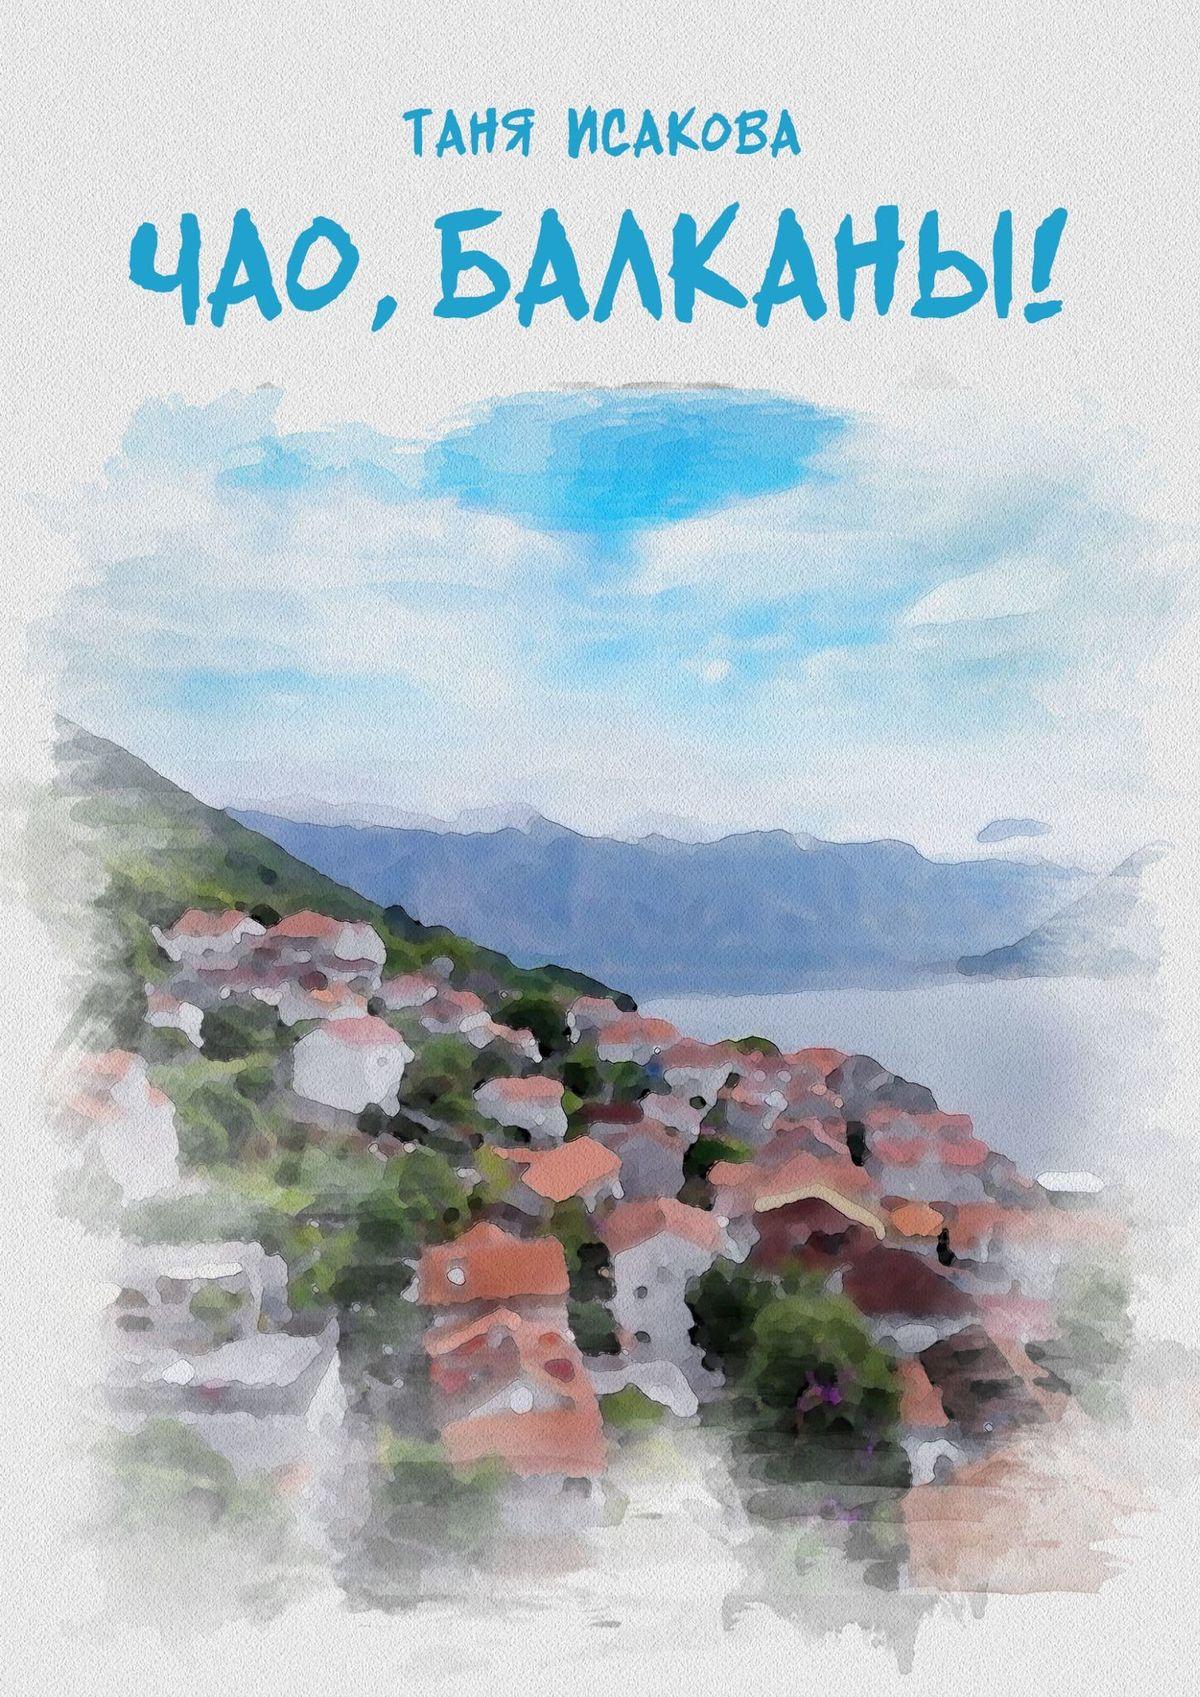 Чао, Балканы!